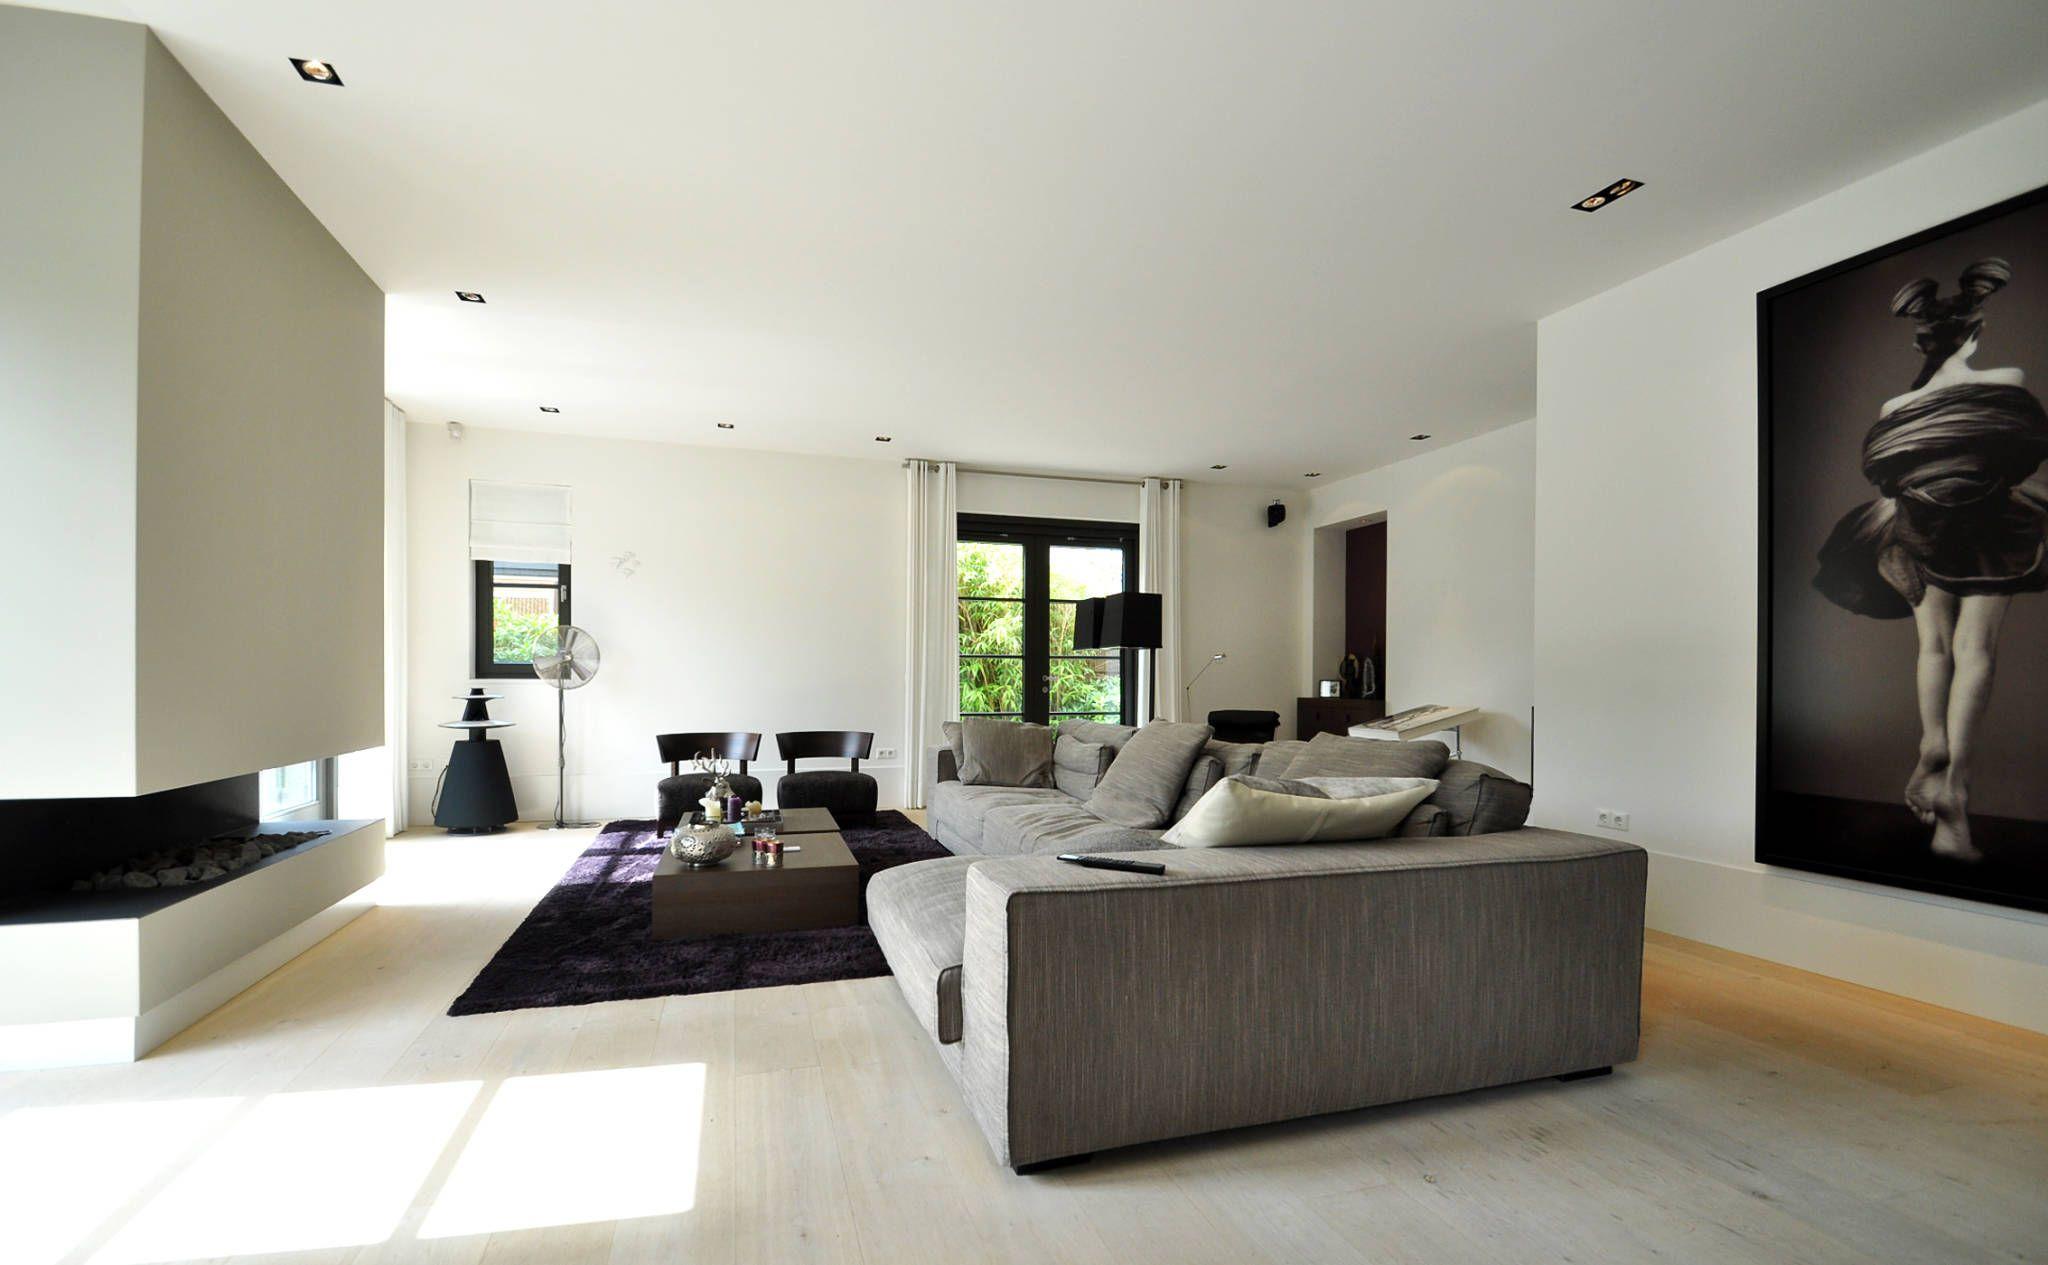 foto s van een moderne woonkamer interieur woonkamer